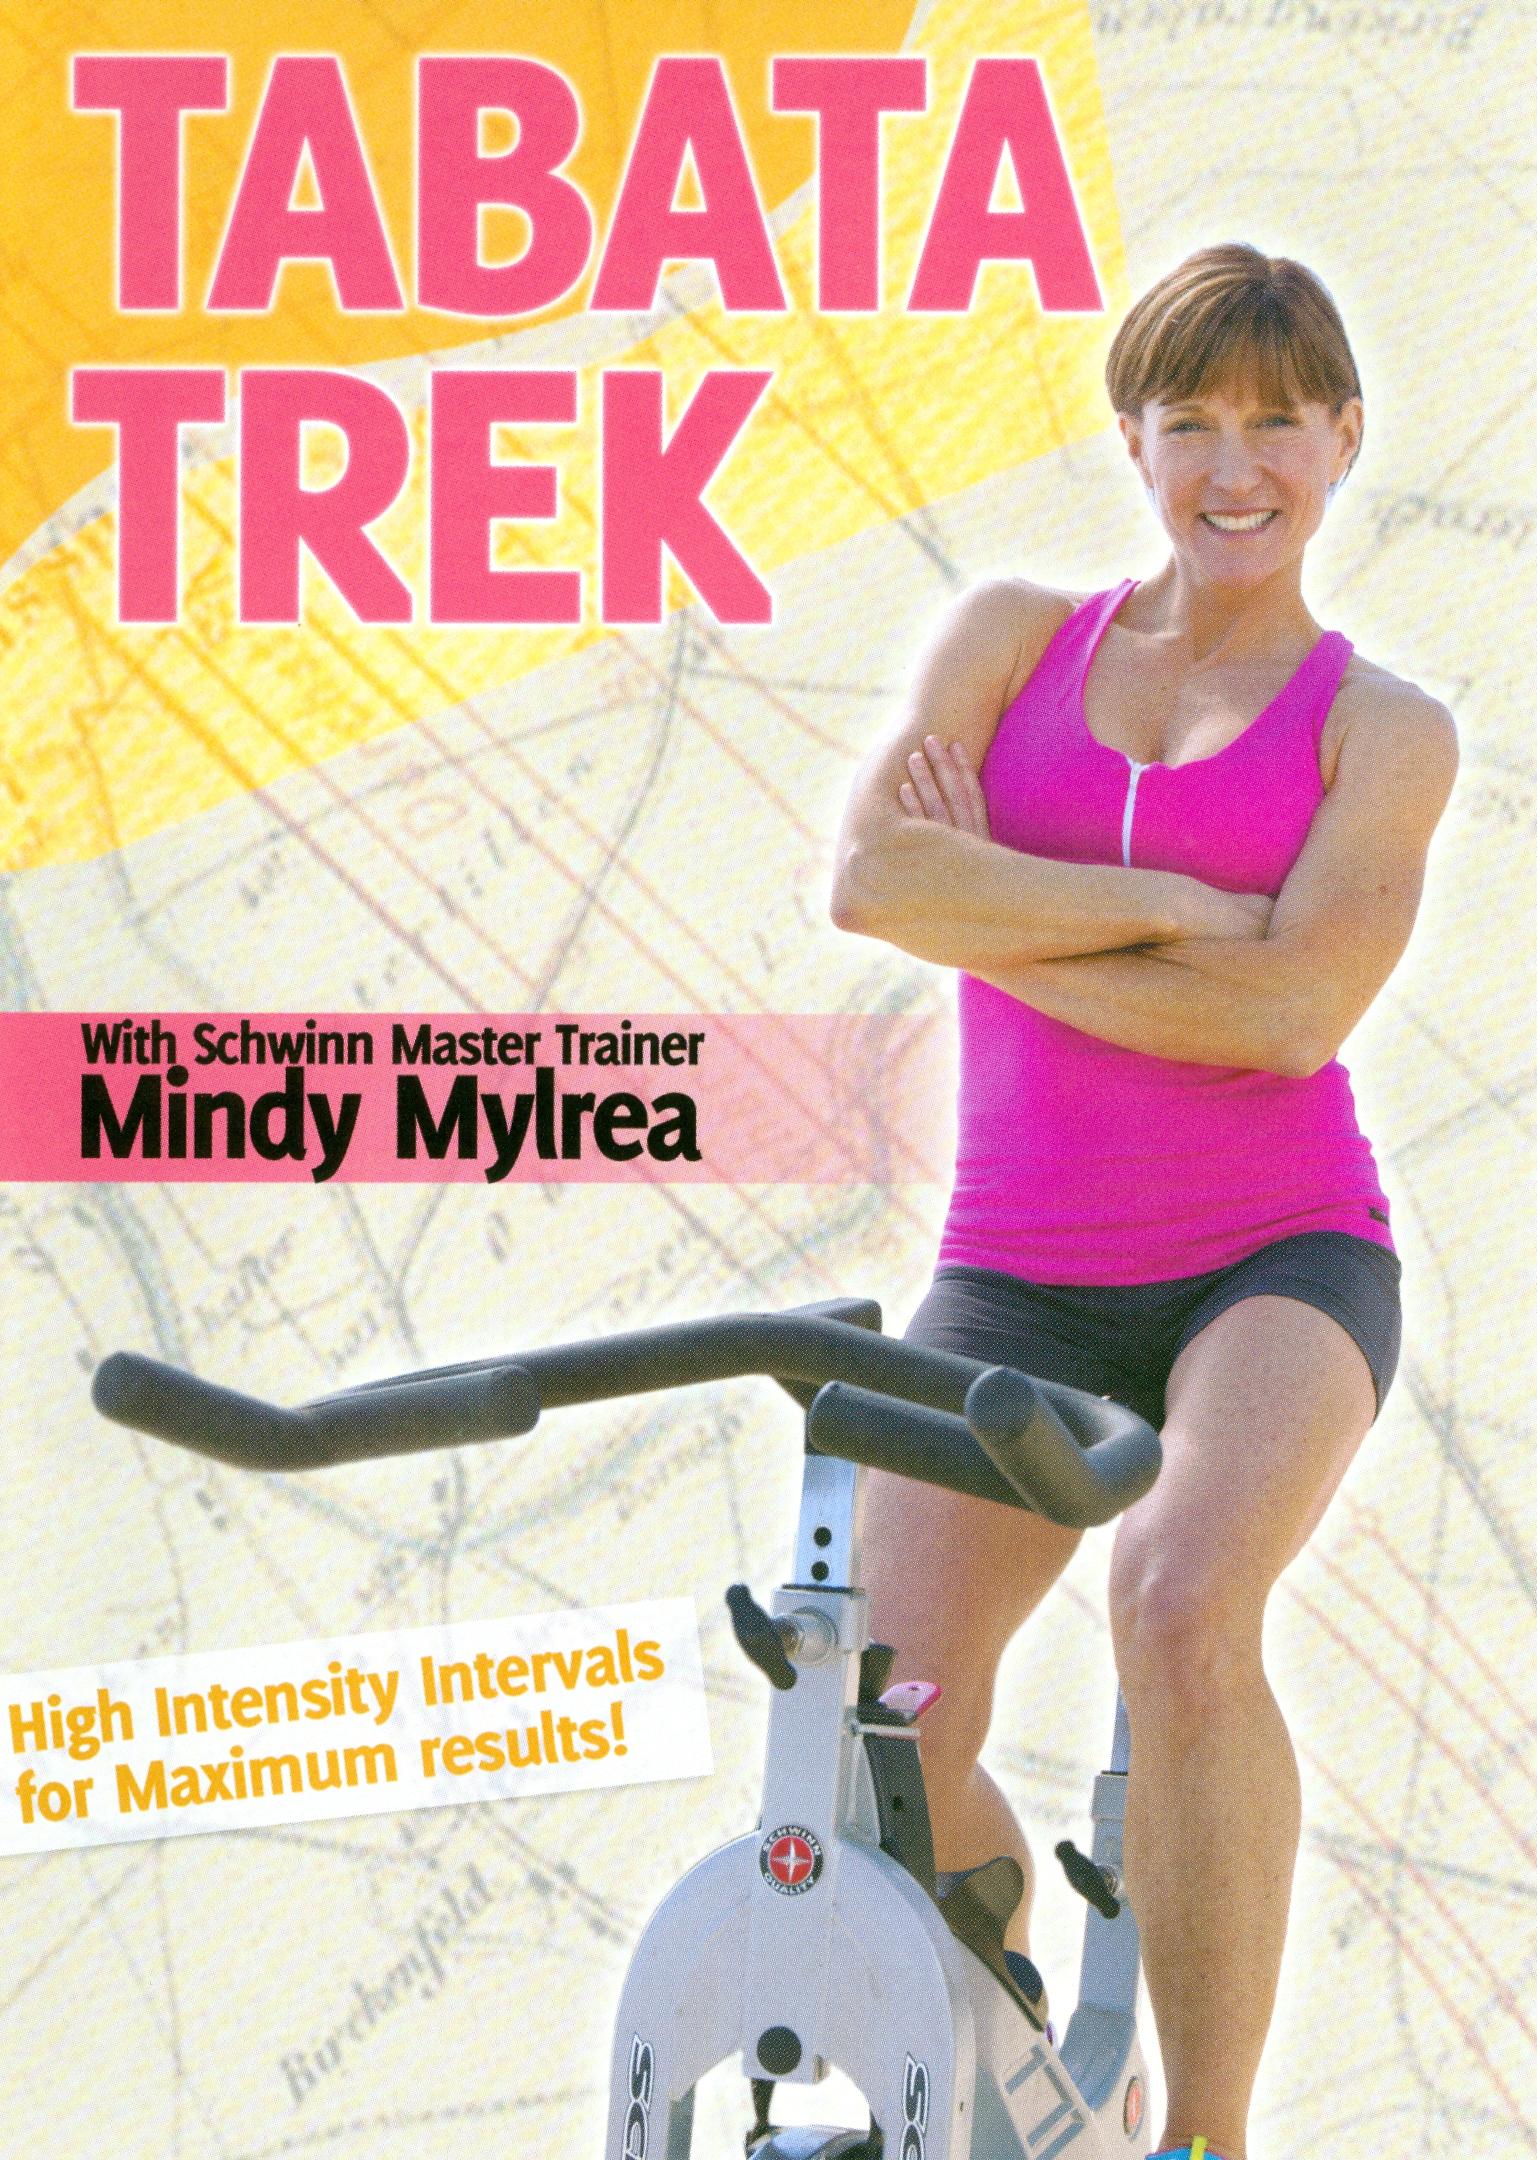 Mindy Mylrea: Tabata Trek